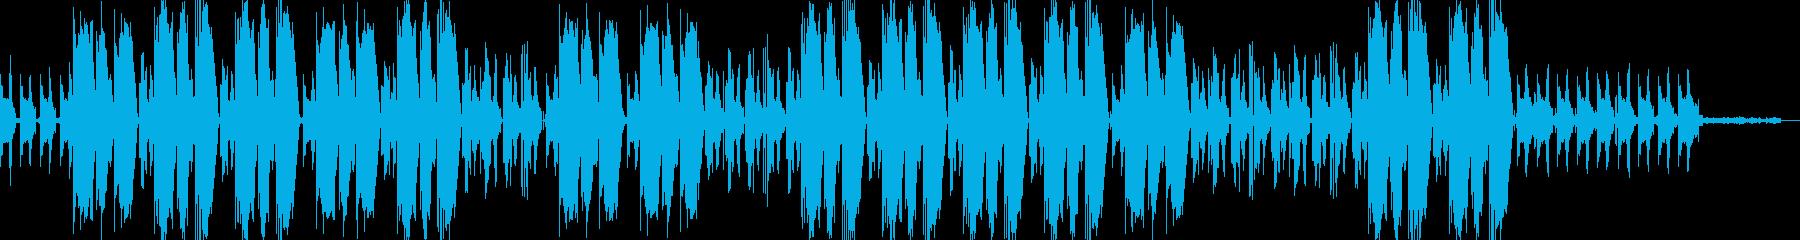 ミステリアスなHIPHOP×TRAPの再生済みの波形